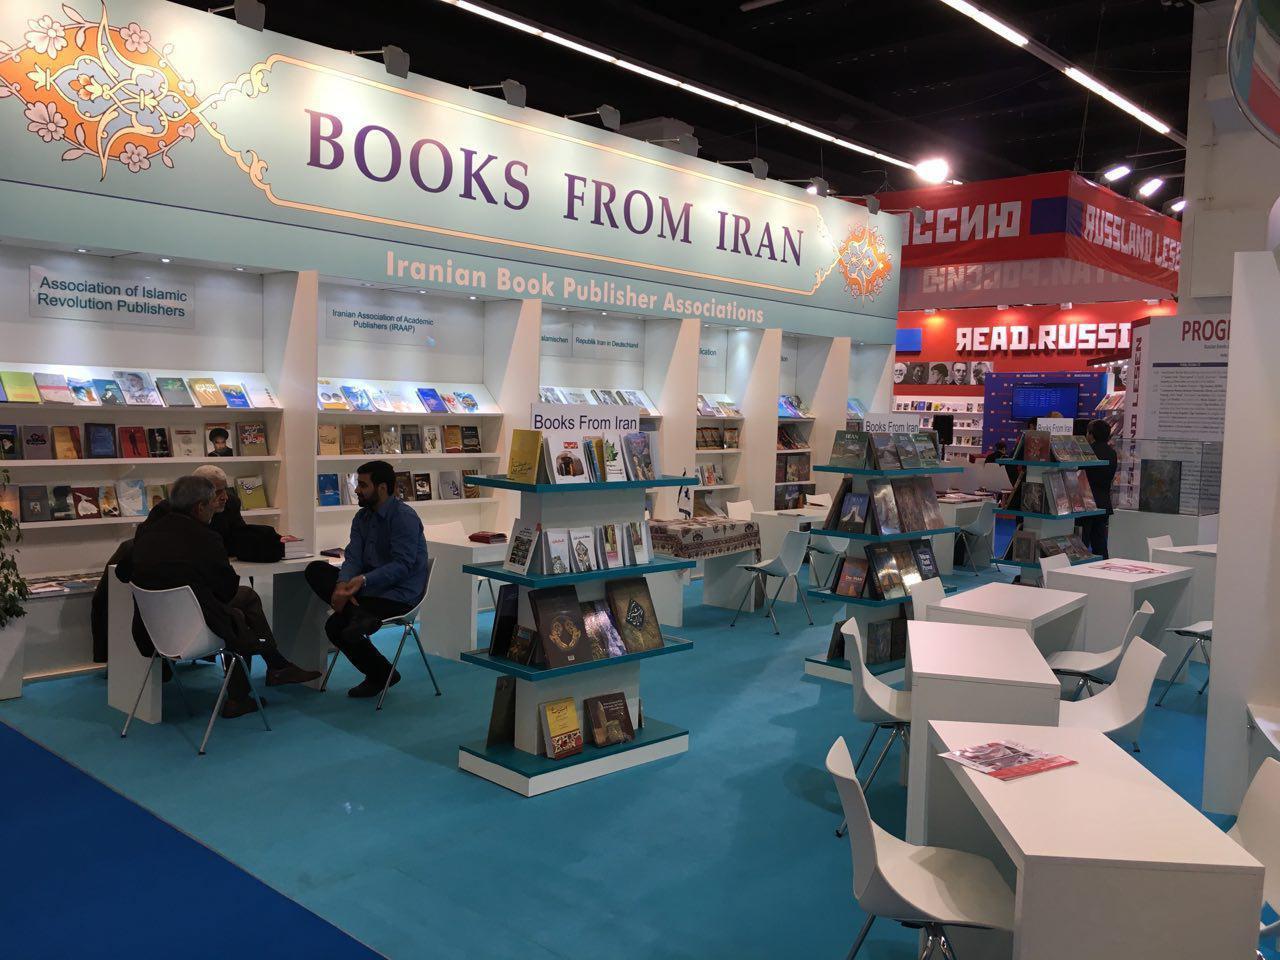 بزرگترین نمایشگاه کتاب